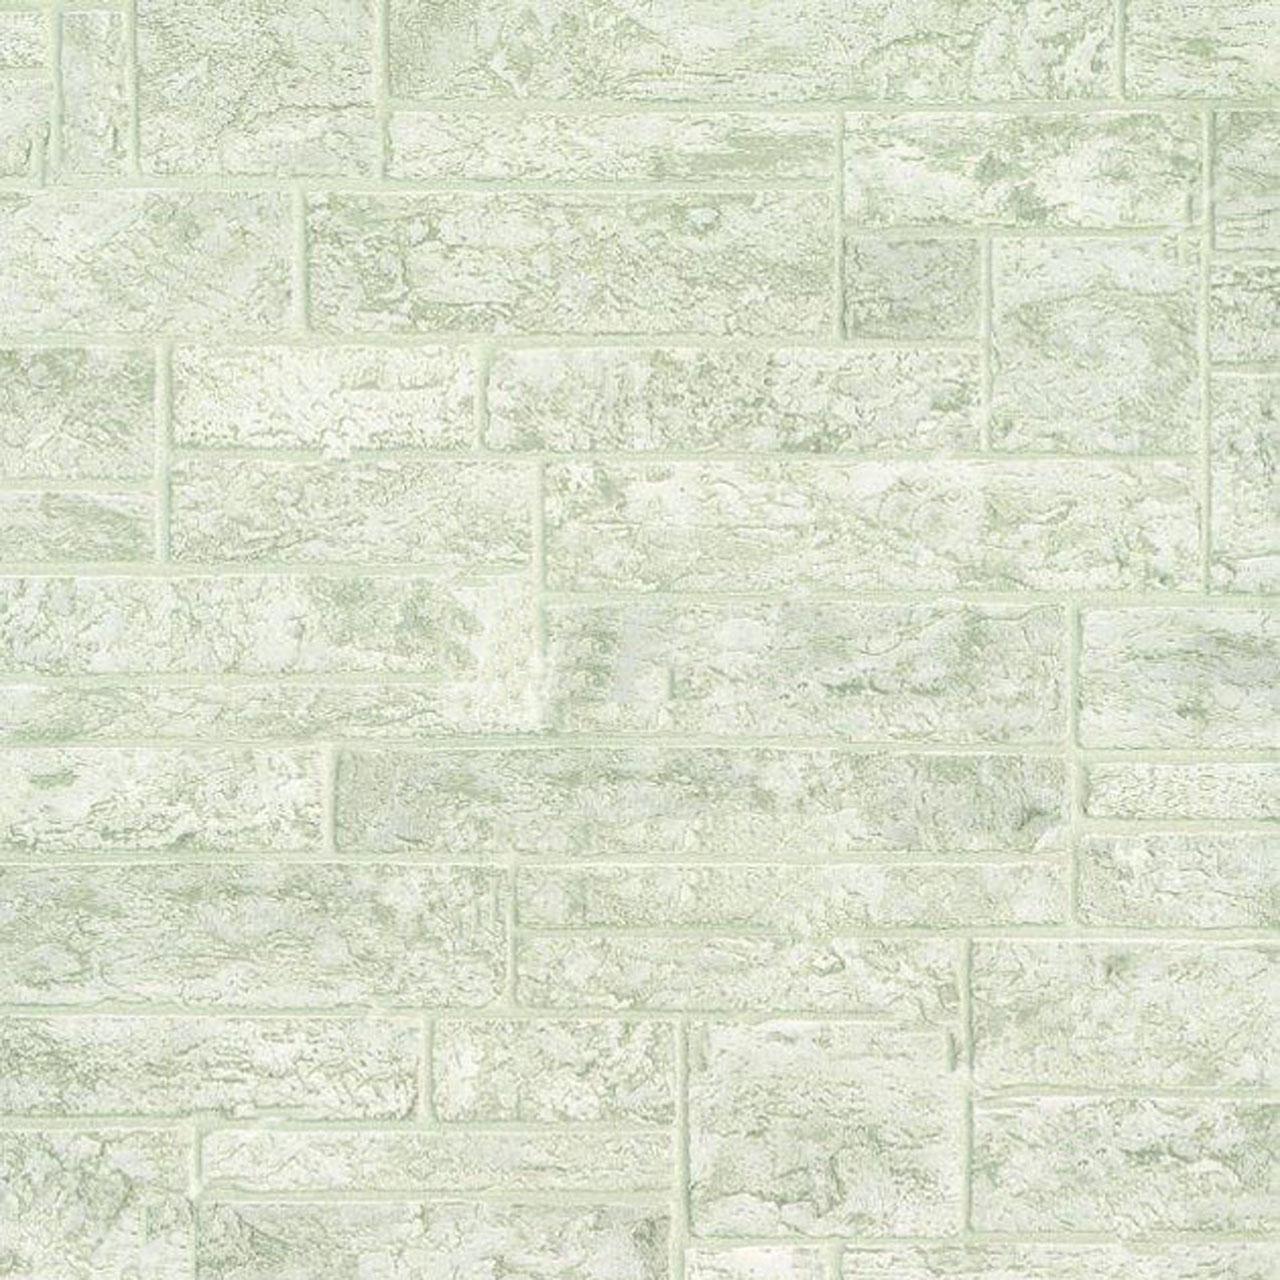 کاغذ دیواری ماربورگ کد 50838